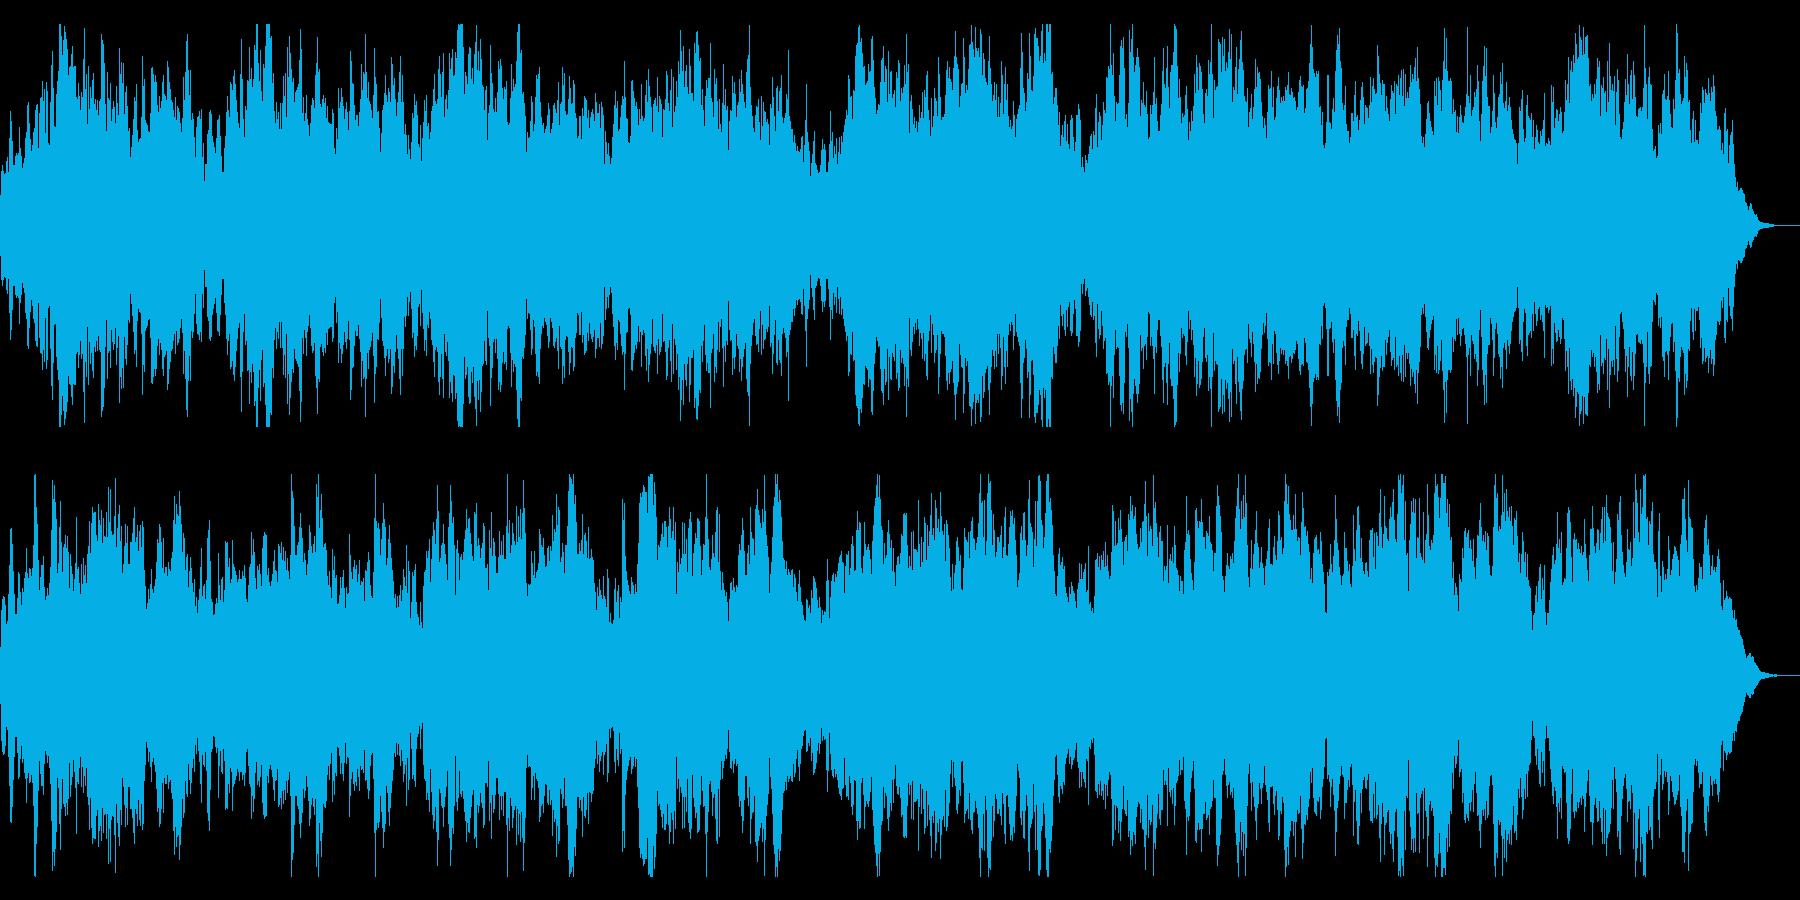 ダークで緩やかなBGM 緊張感の演出の再生済みの波形